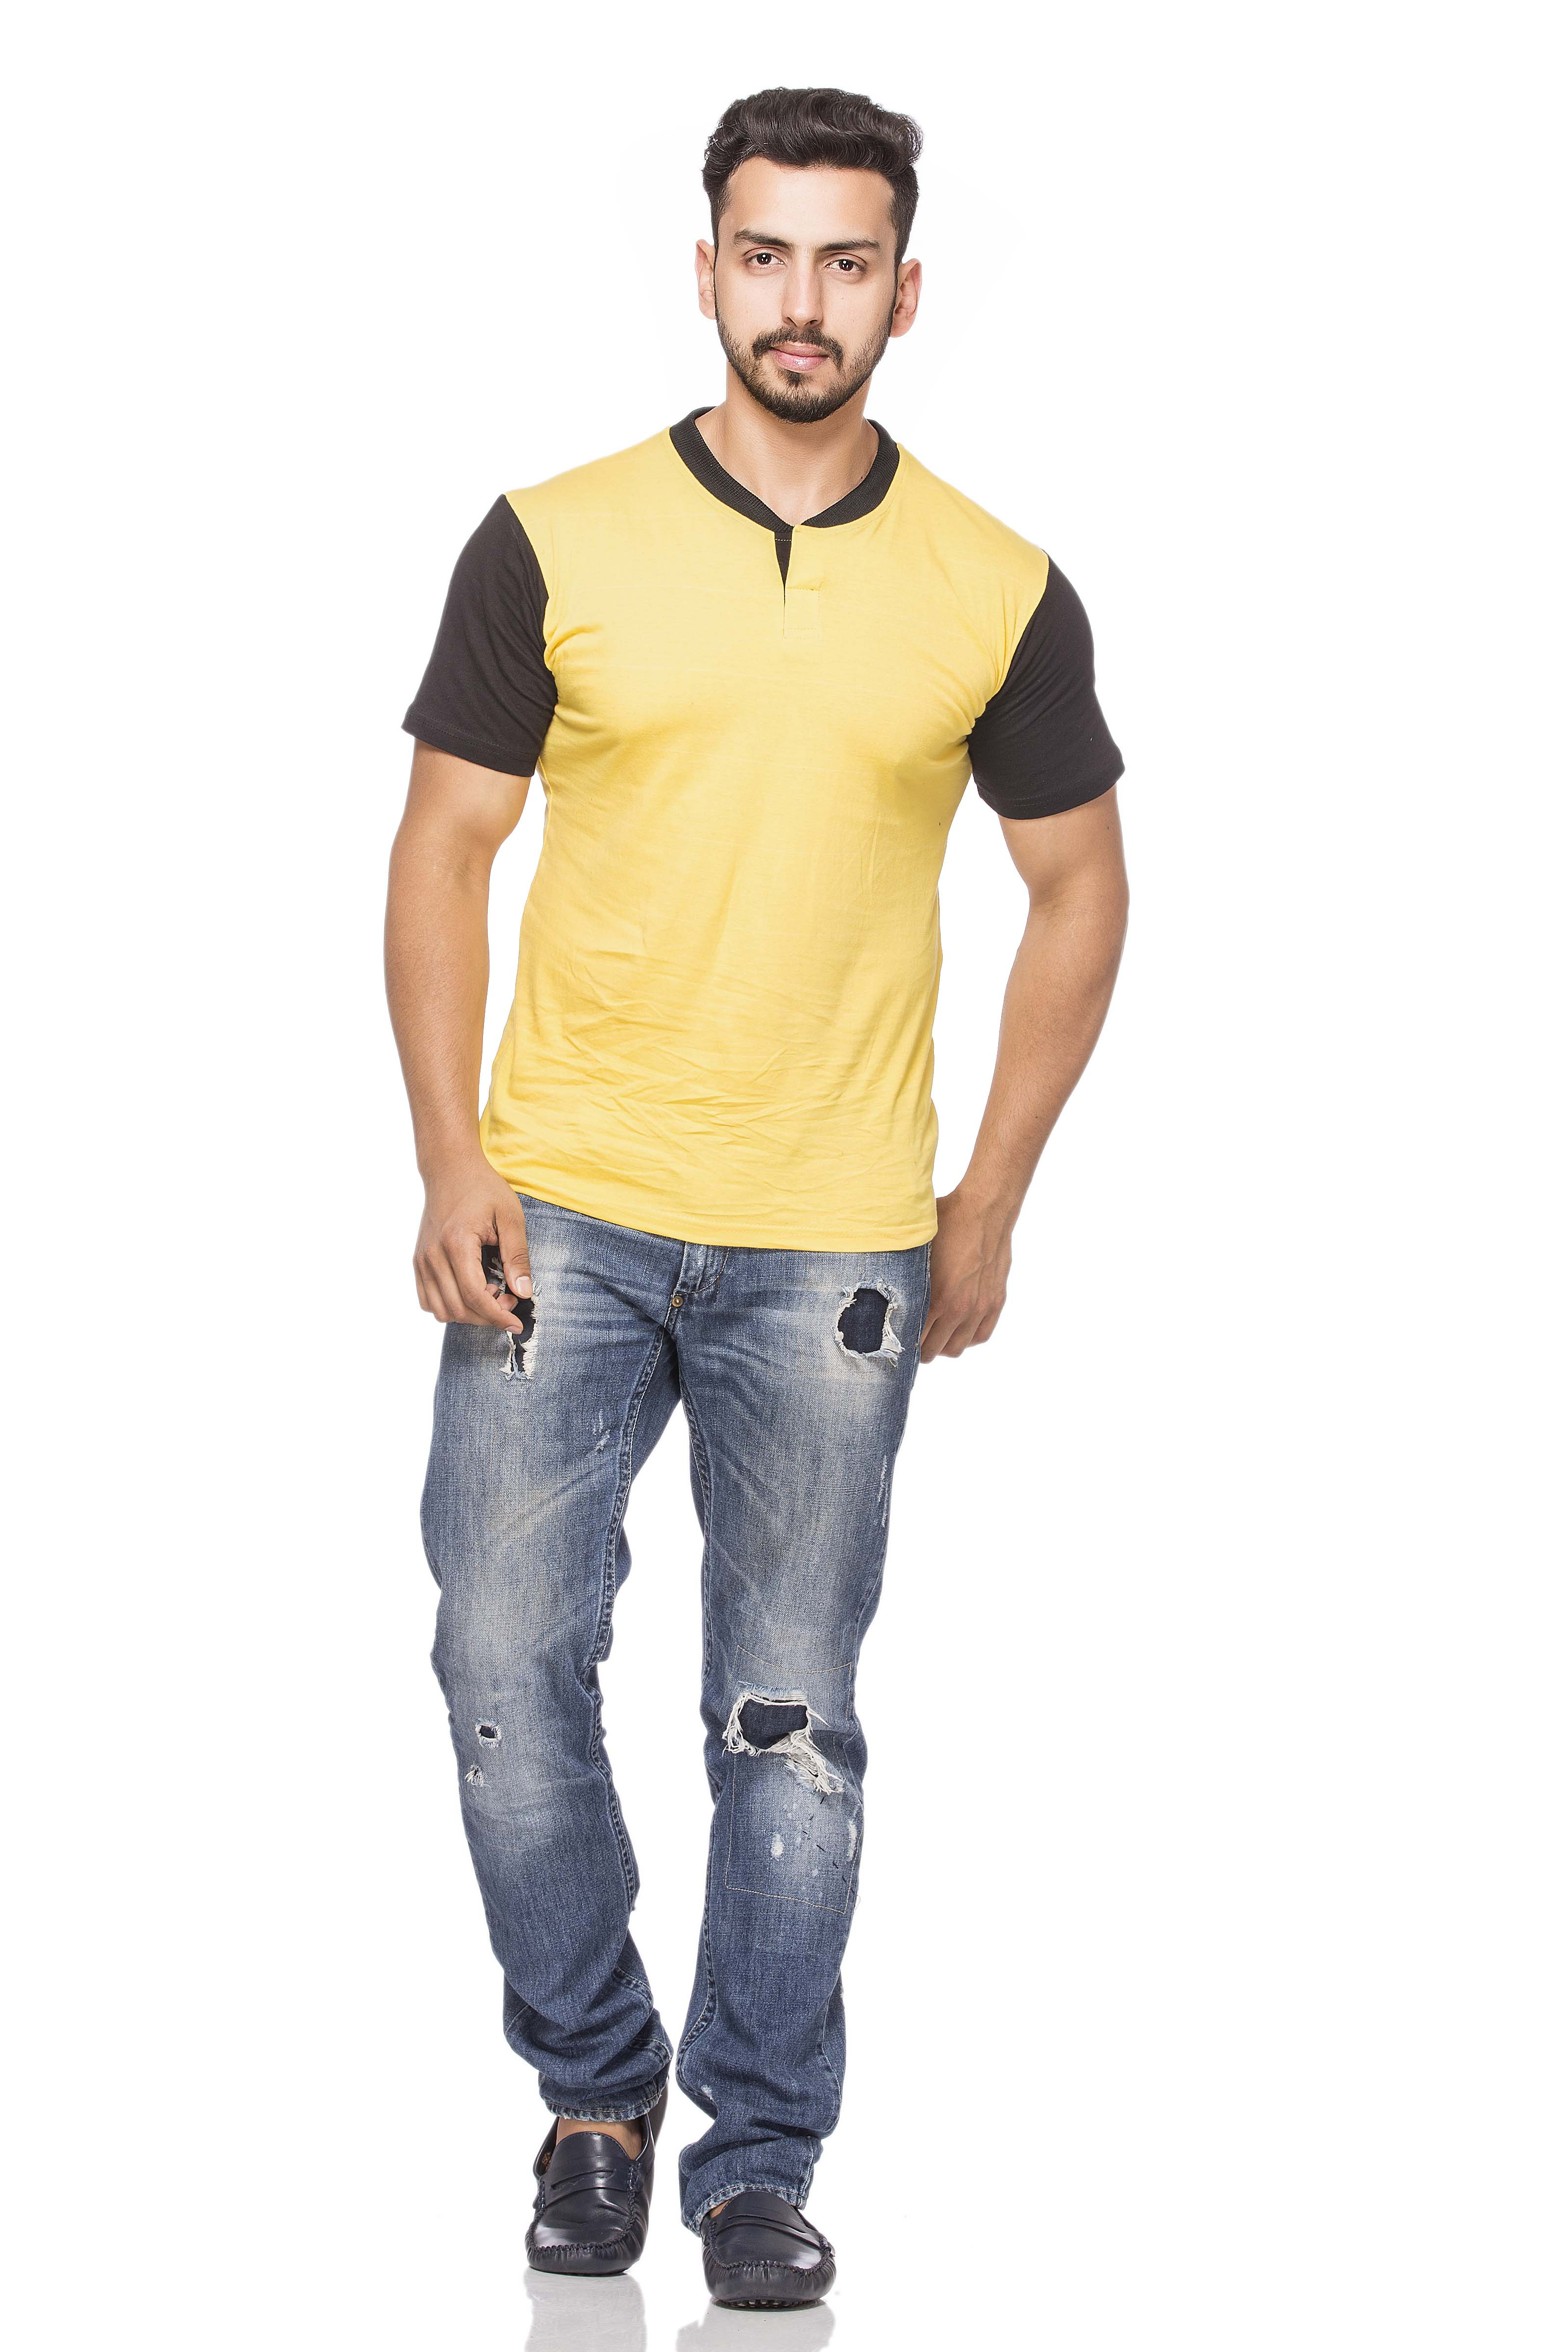 Buy demokrazy half sleeve t shirt for men 7498565 online for Half sleeve t shirts for men